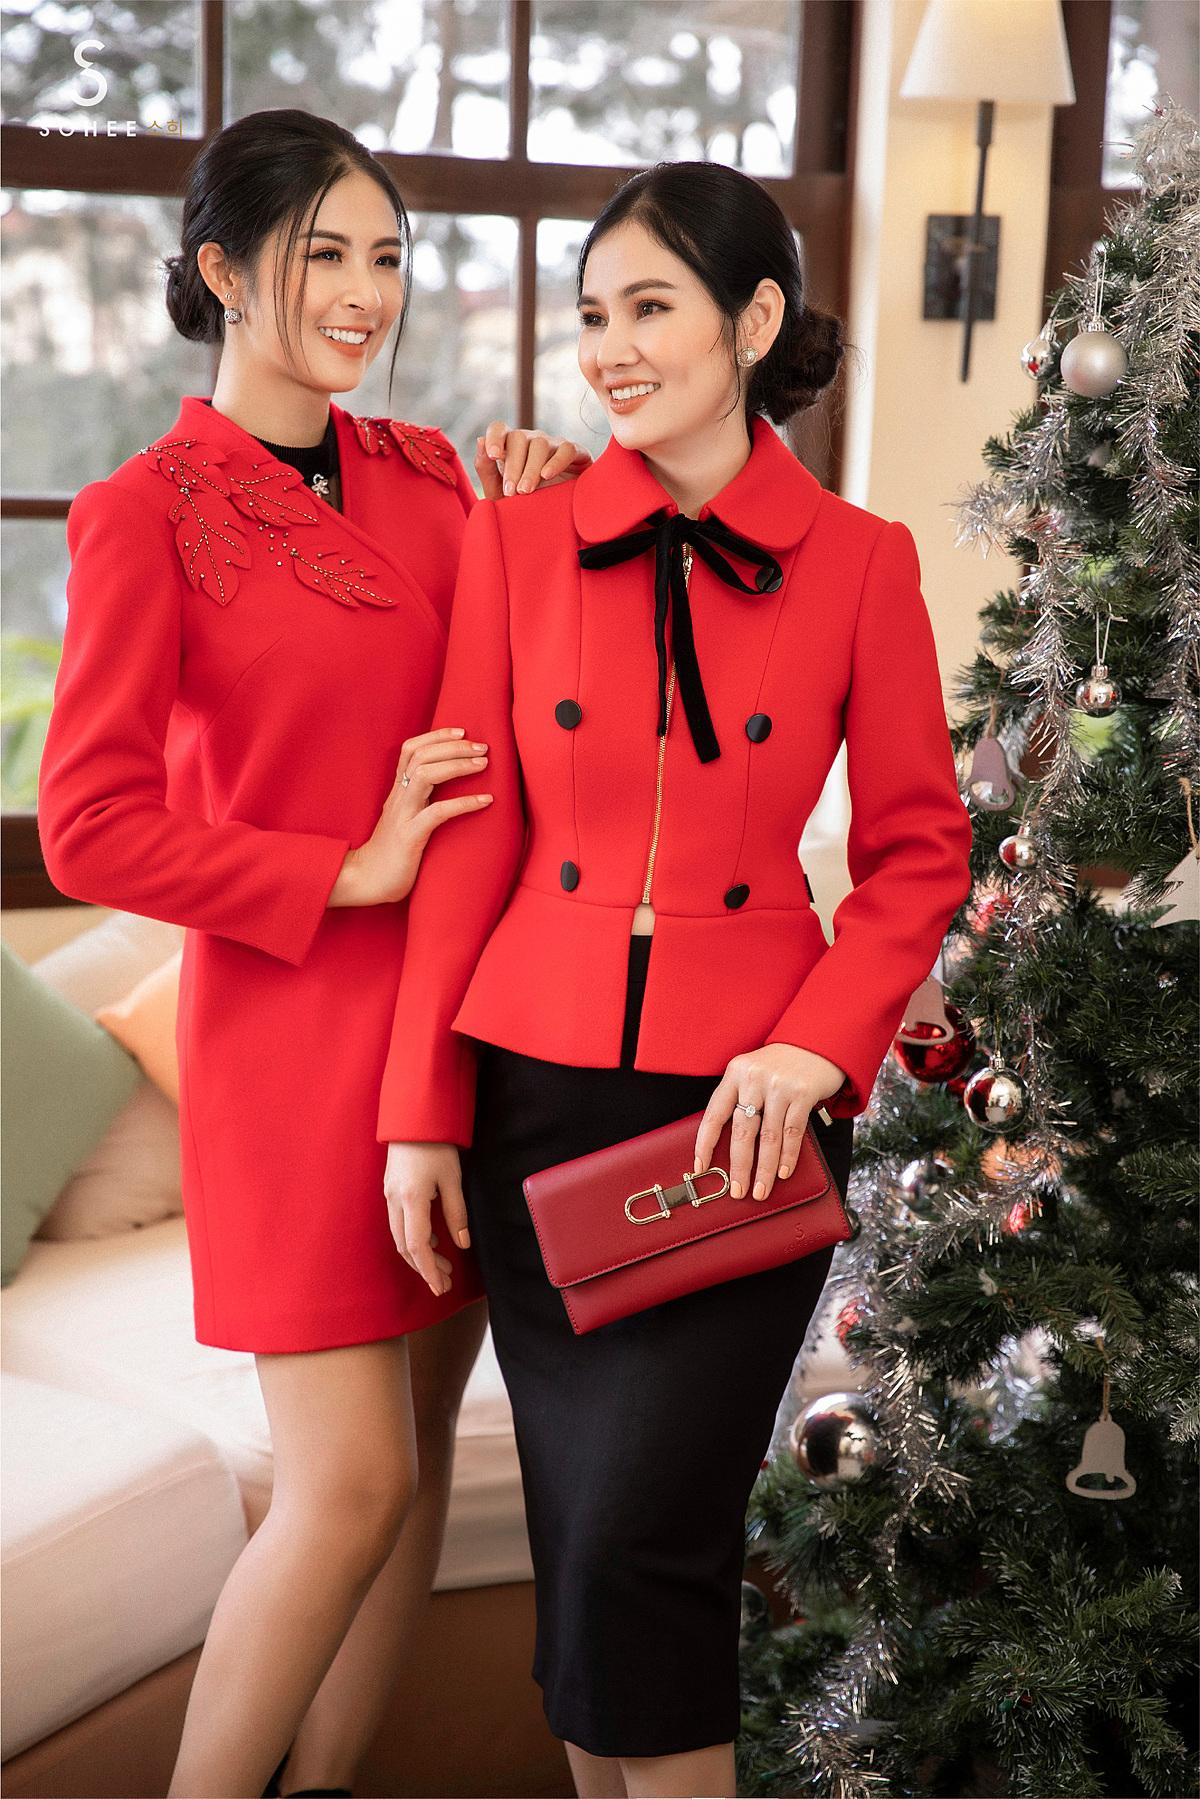 Khi chọn trang phục cho mùa lễ hội cuối năm, tone màu đỏ rực rỡ sẽ giúp phái đẹp toả sáng, nổi bật hơn. Do đó, Sohee cũng đưa gam màu chủ đạo của mùa Noel này vào các thiết kế mới nhất.